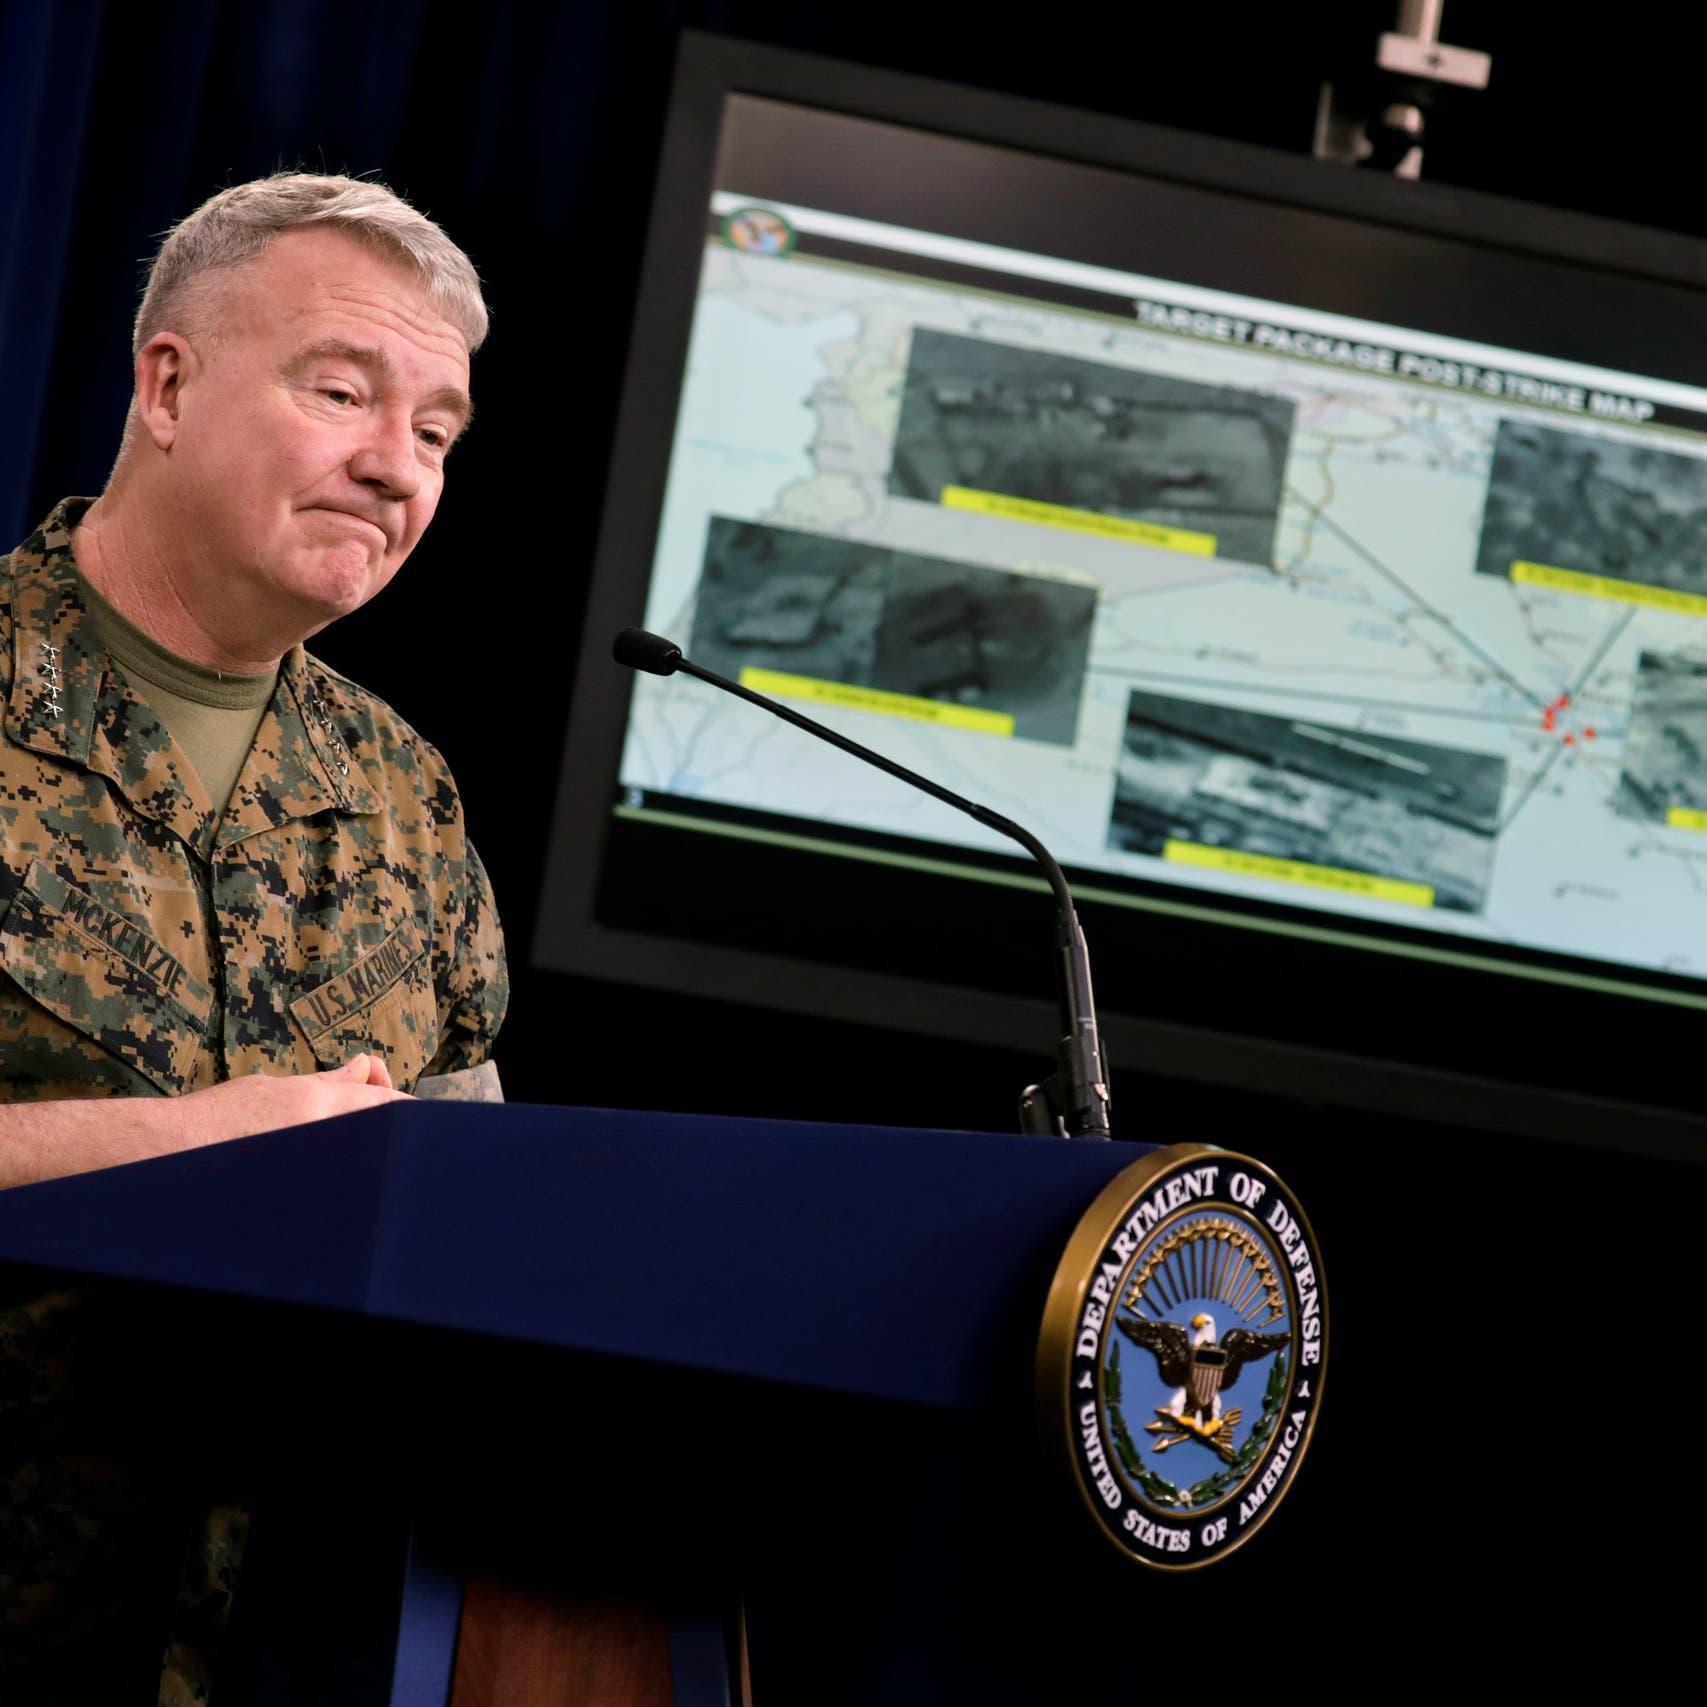 القيادة الأميركية الوسطى: لا بد من احتواء صواريخ إيران